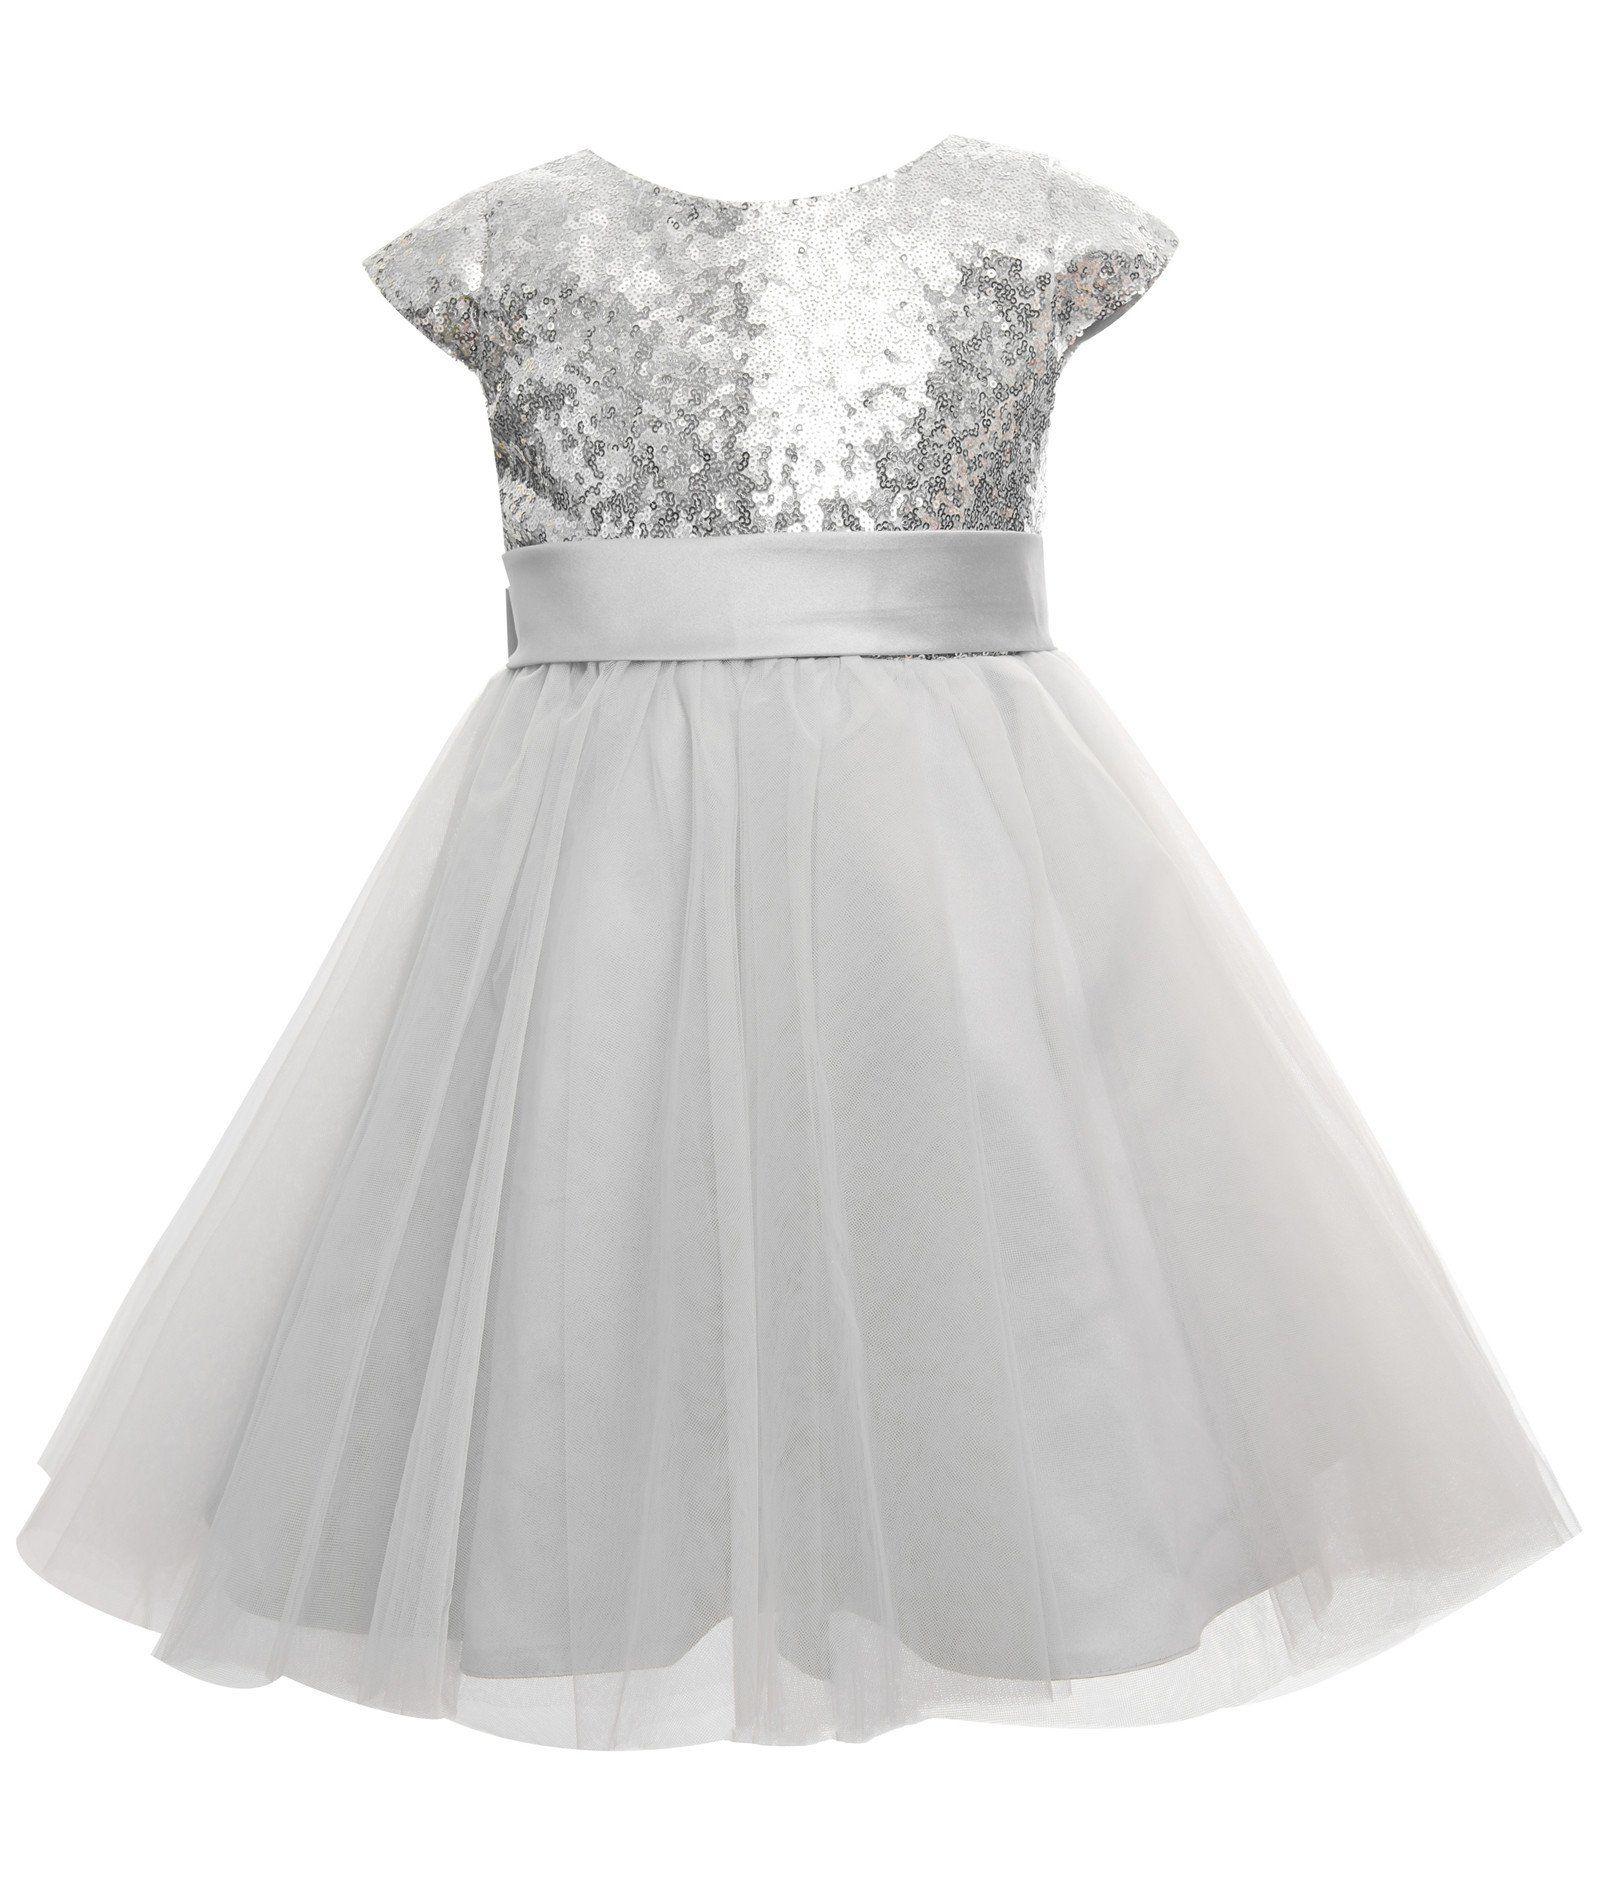 Princhar sequin tulle short girl dress little girls wedding party